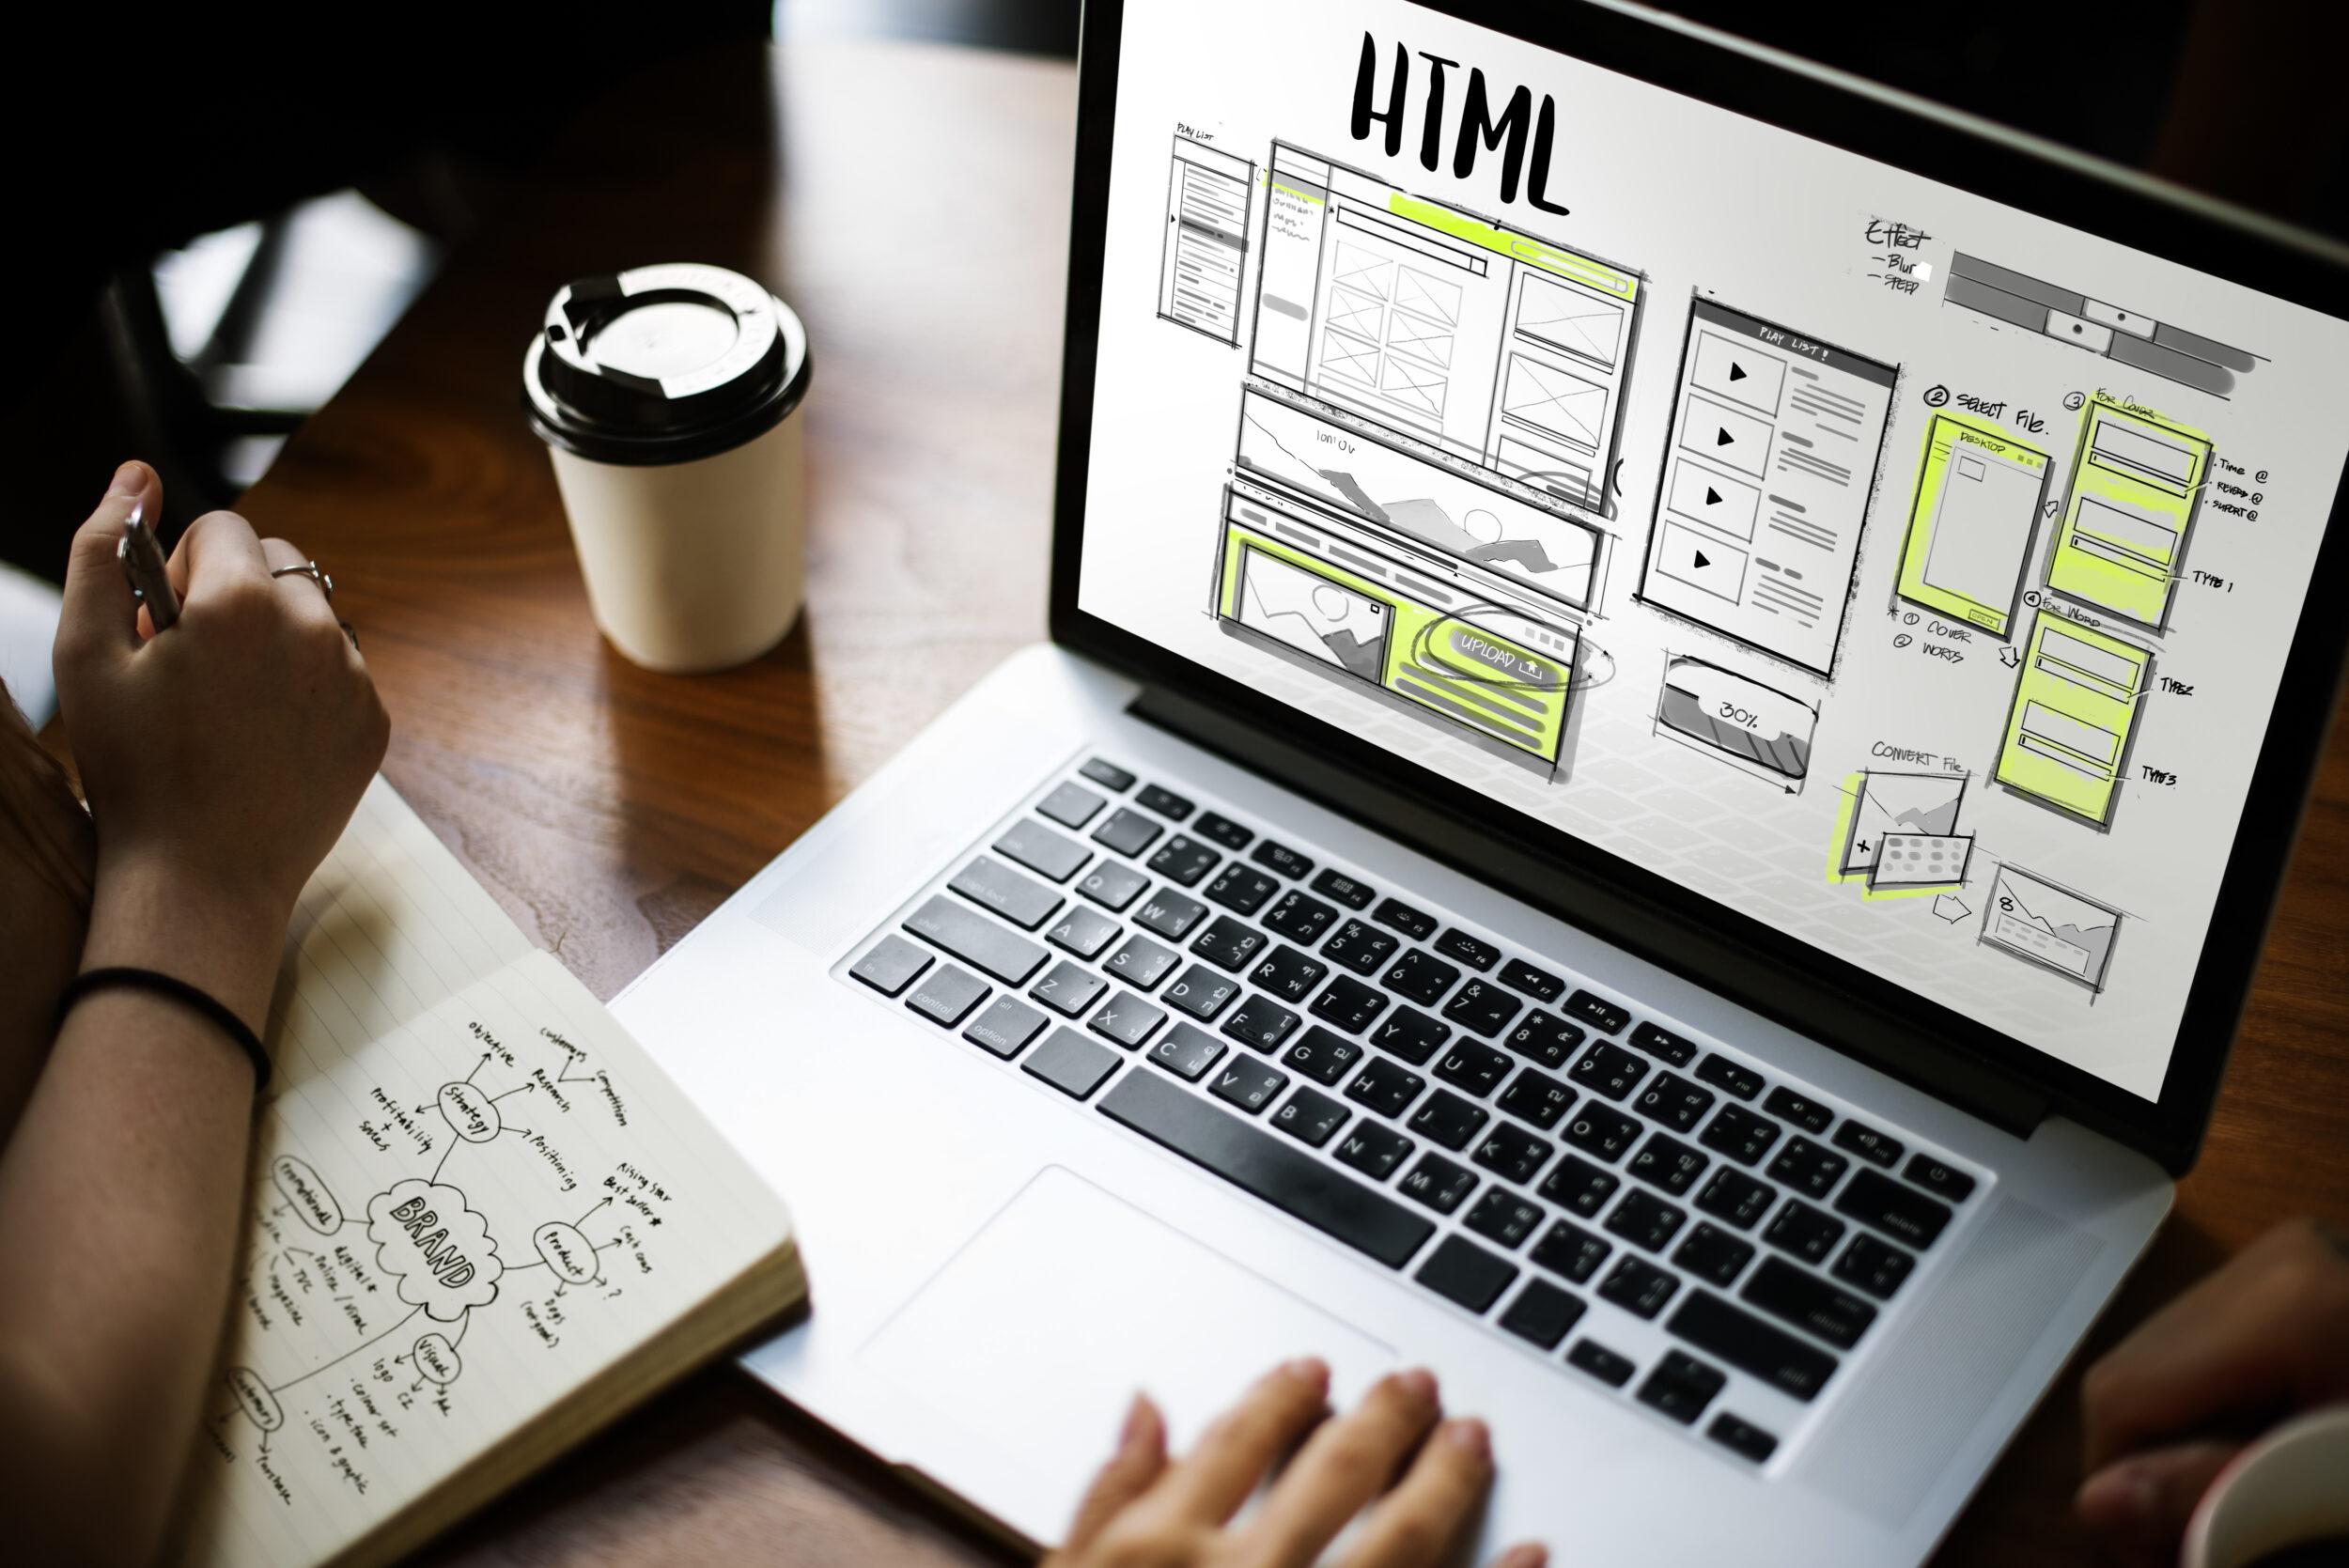 Online web design on laptop